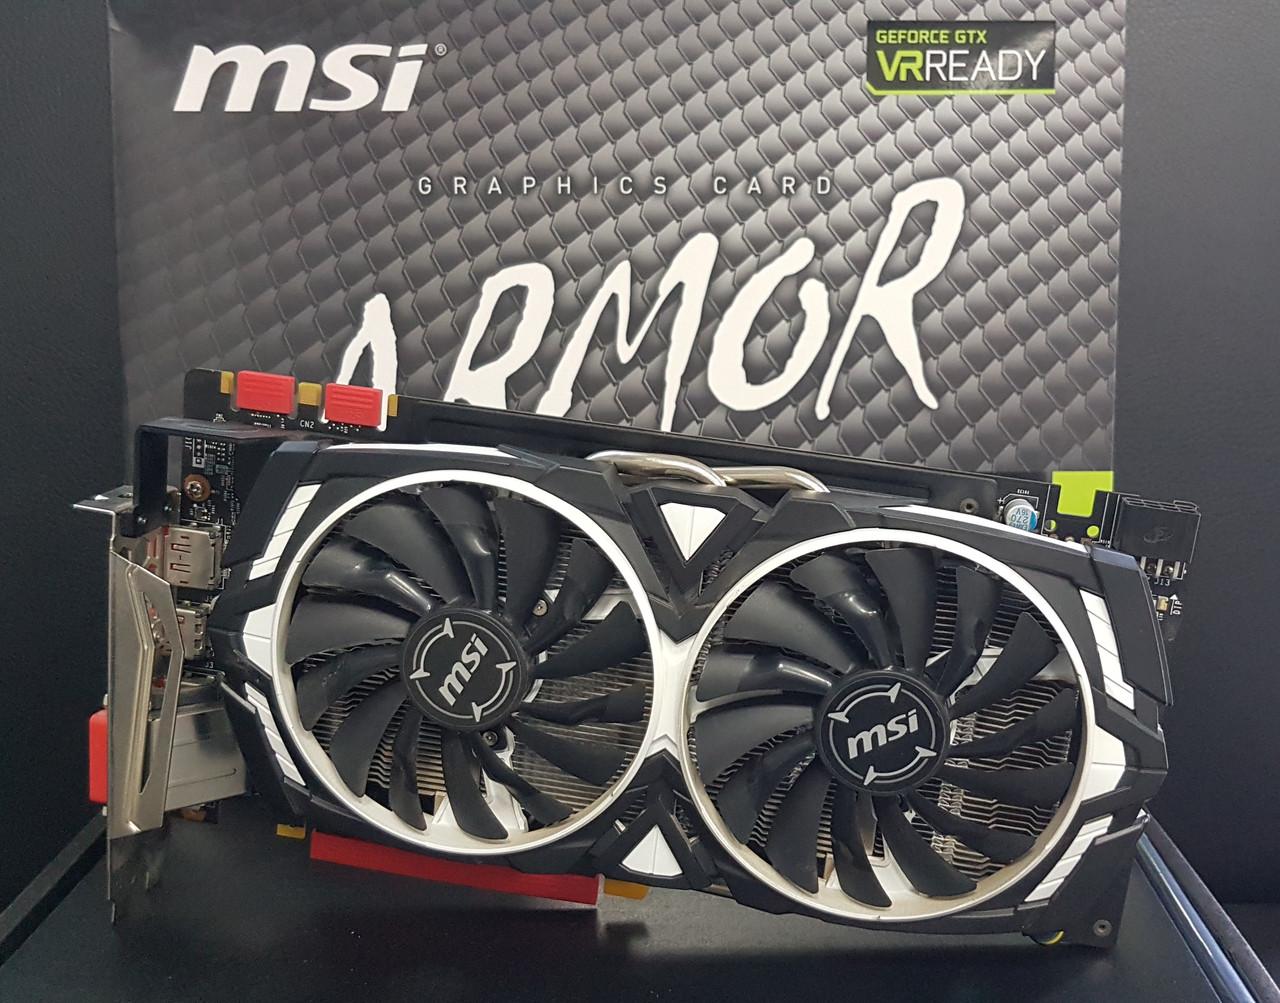 Видеокарта MSI ARMOR GeForce GTX 1070 8GB GDDR5 256-Bit